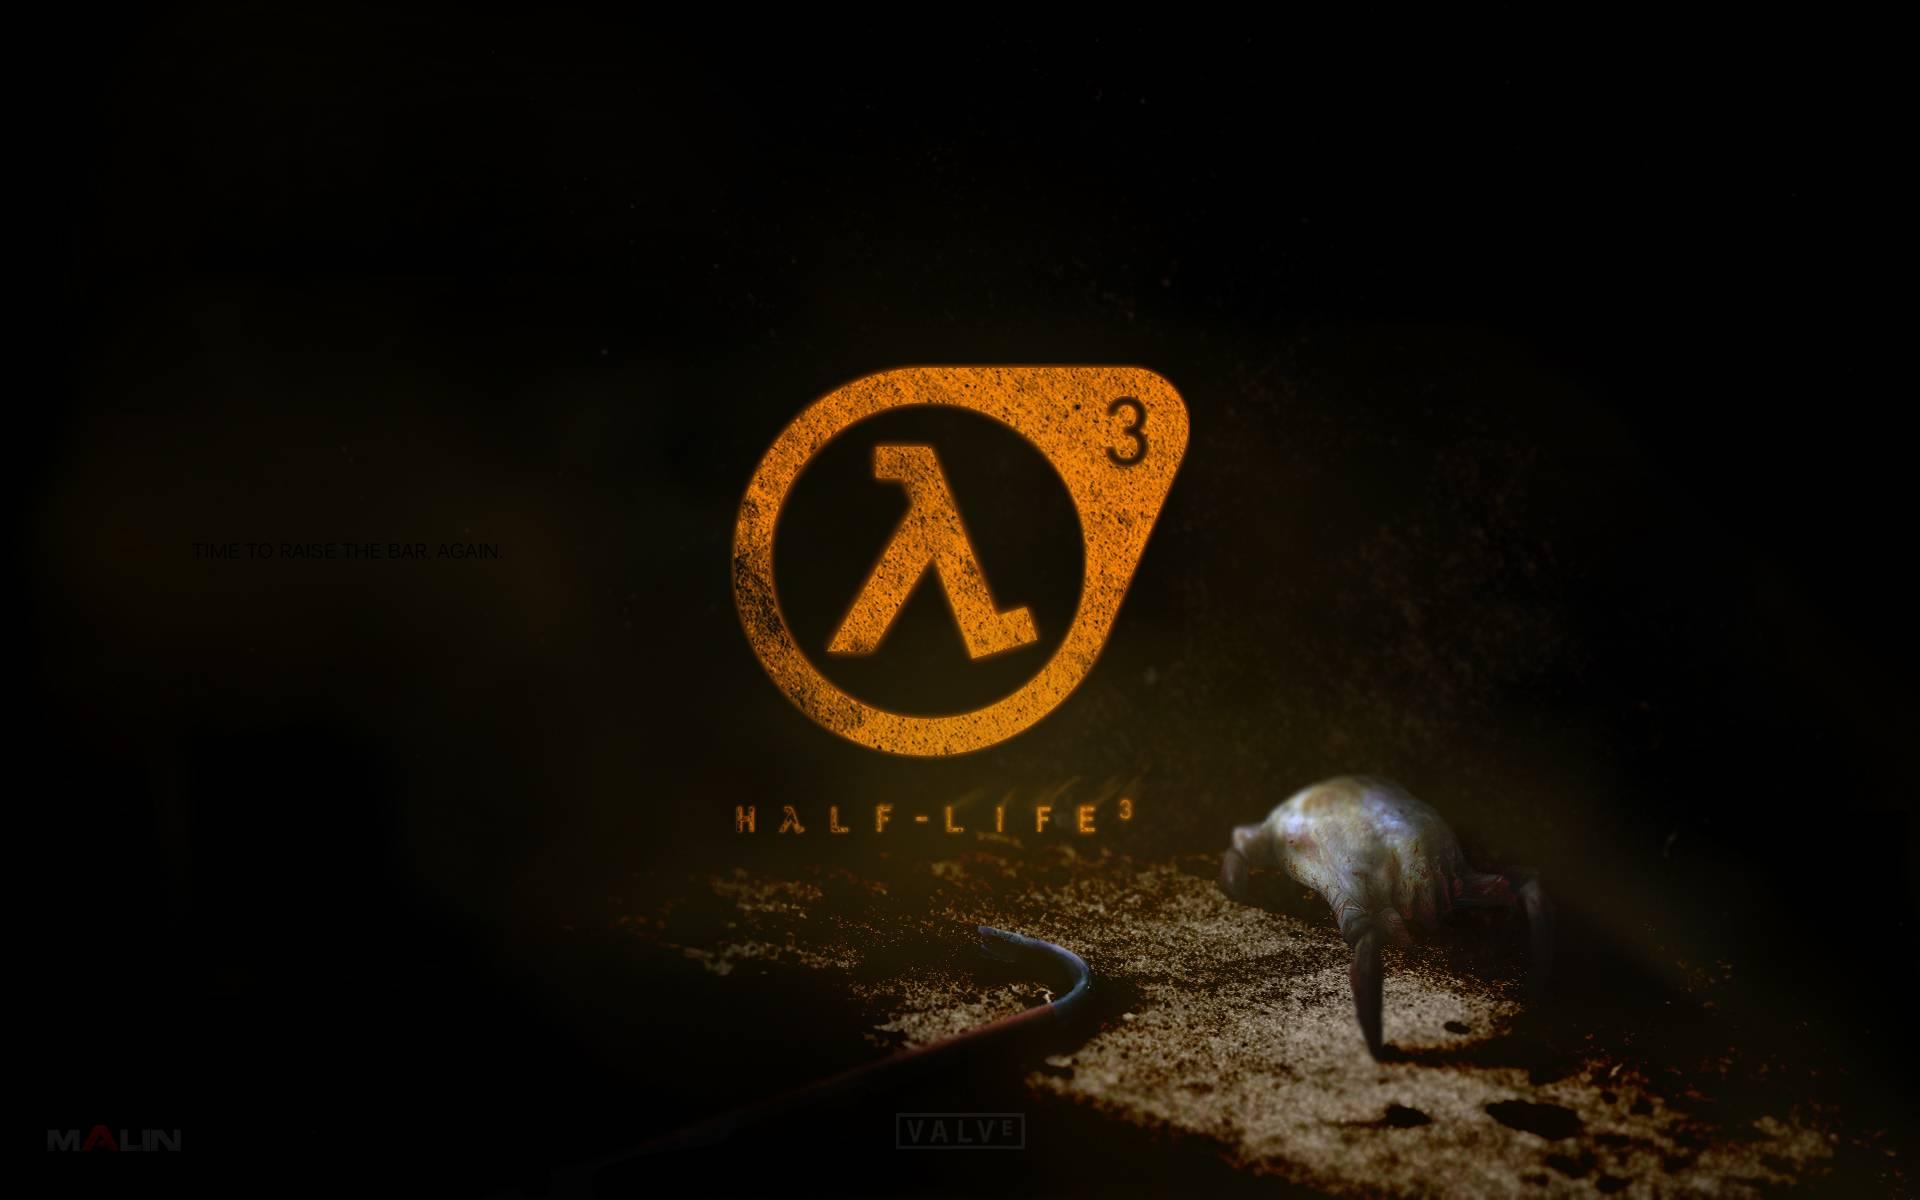 Se filtra información secreta de Half Life 3 y Valve [Rumor incoming!]